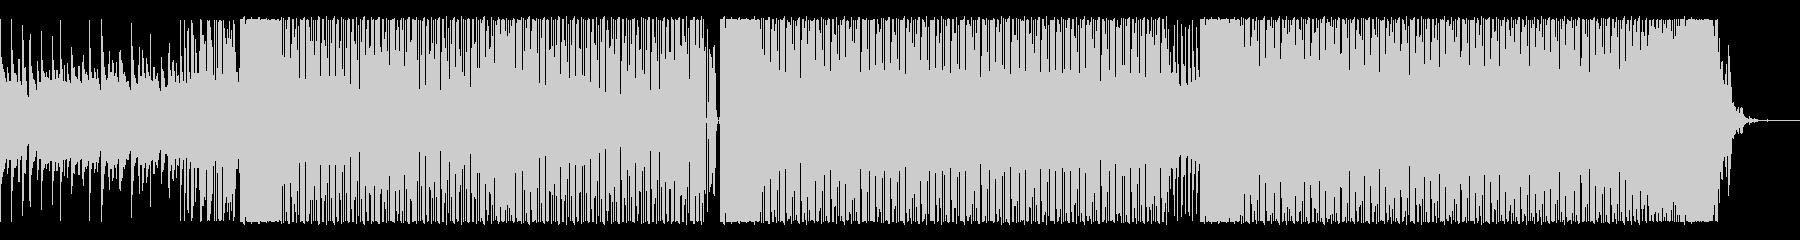 テンポの良いアコースティックポップの未再生の波形